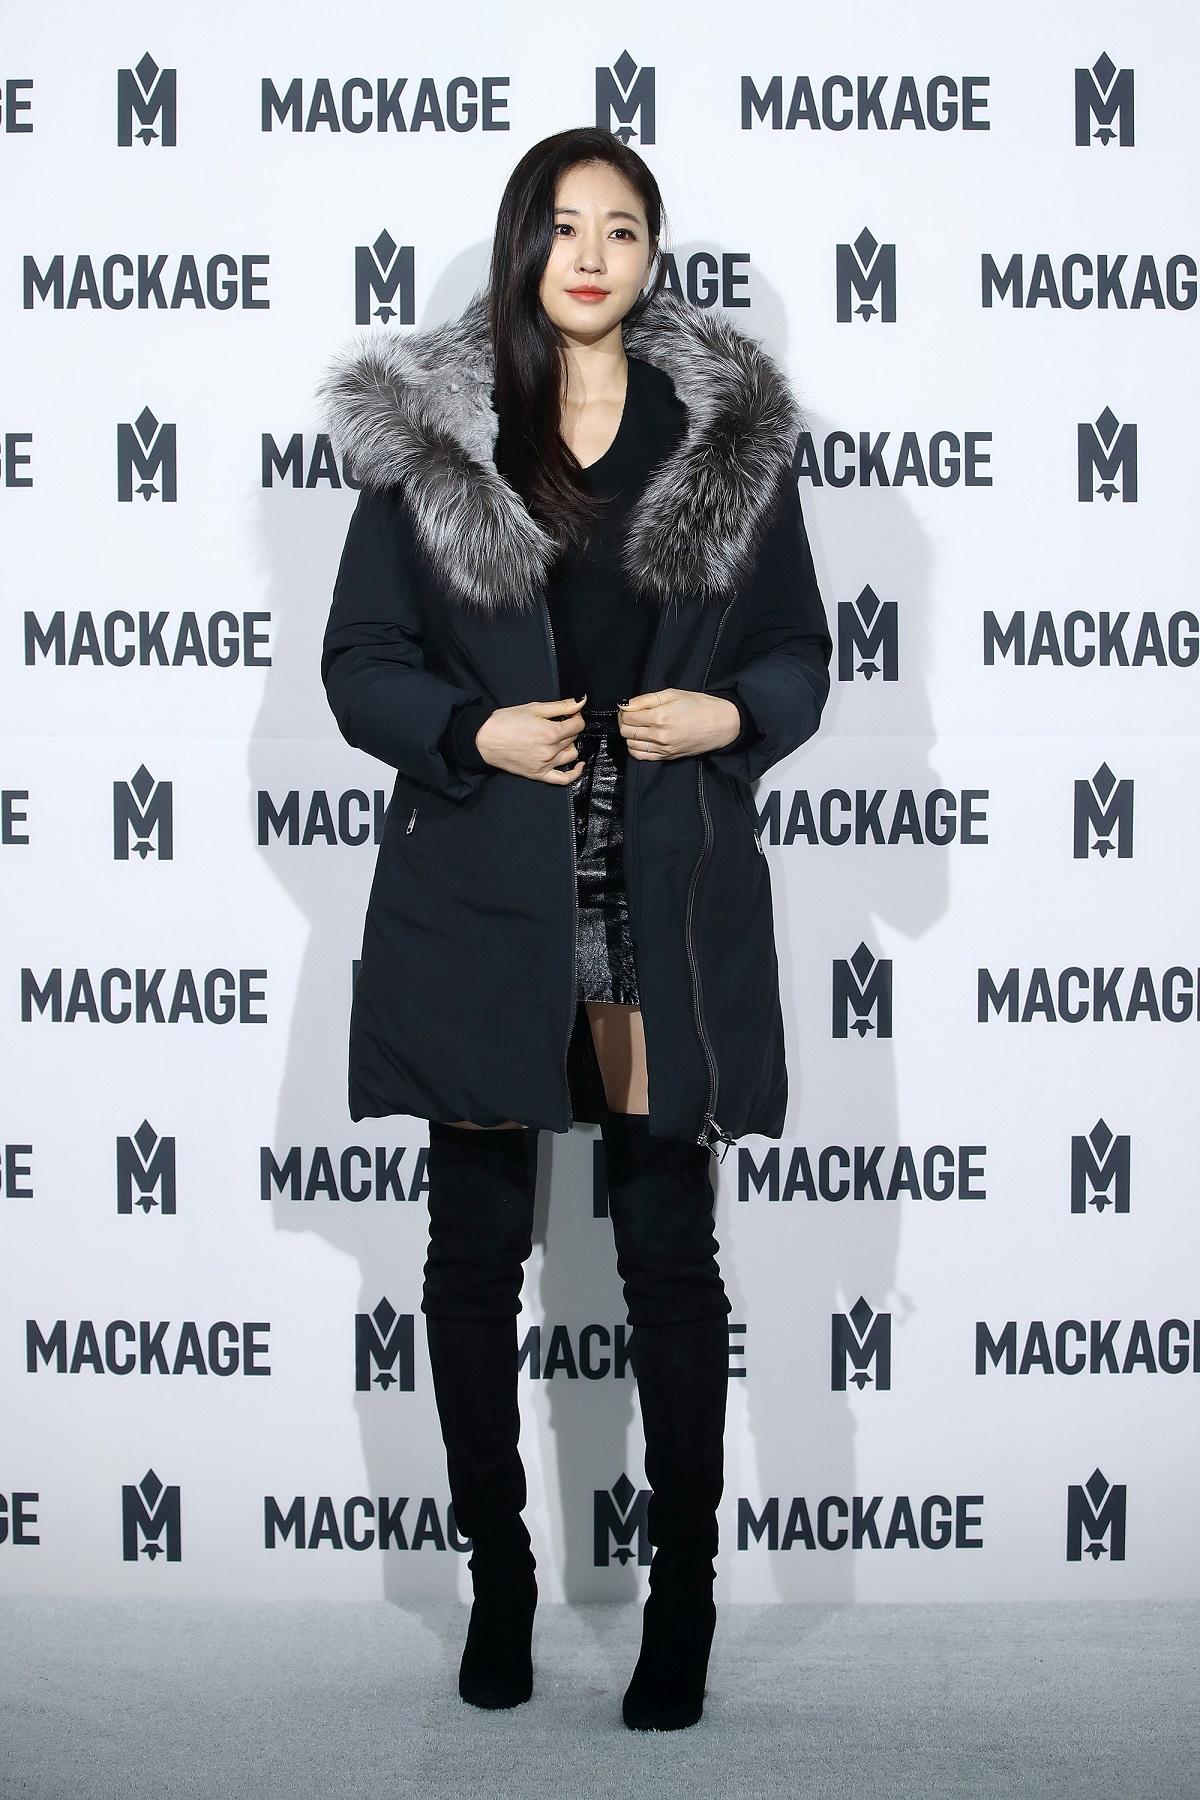 김사랑, 정채연, 지창욱, 지코 맥케이지 행사 패션 멋져요!